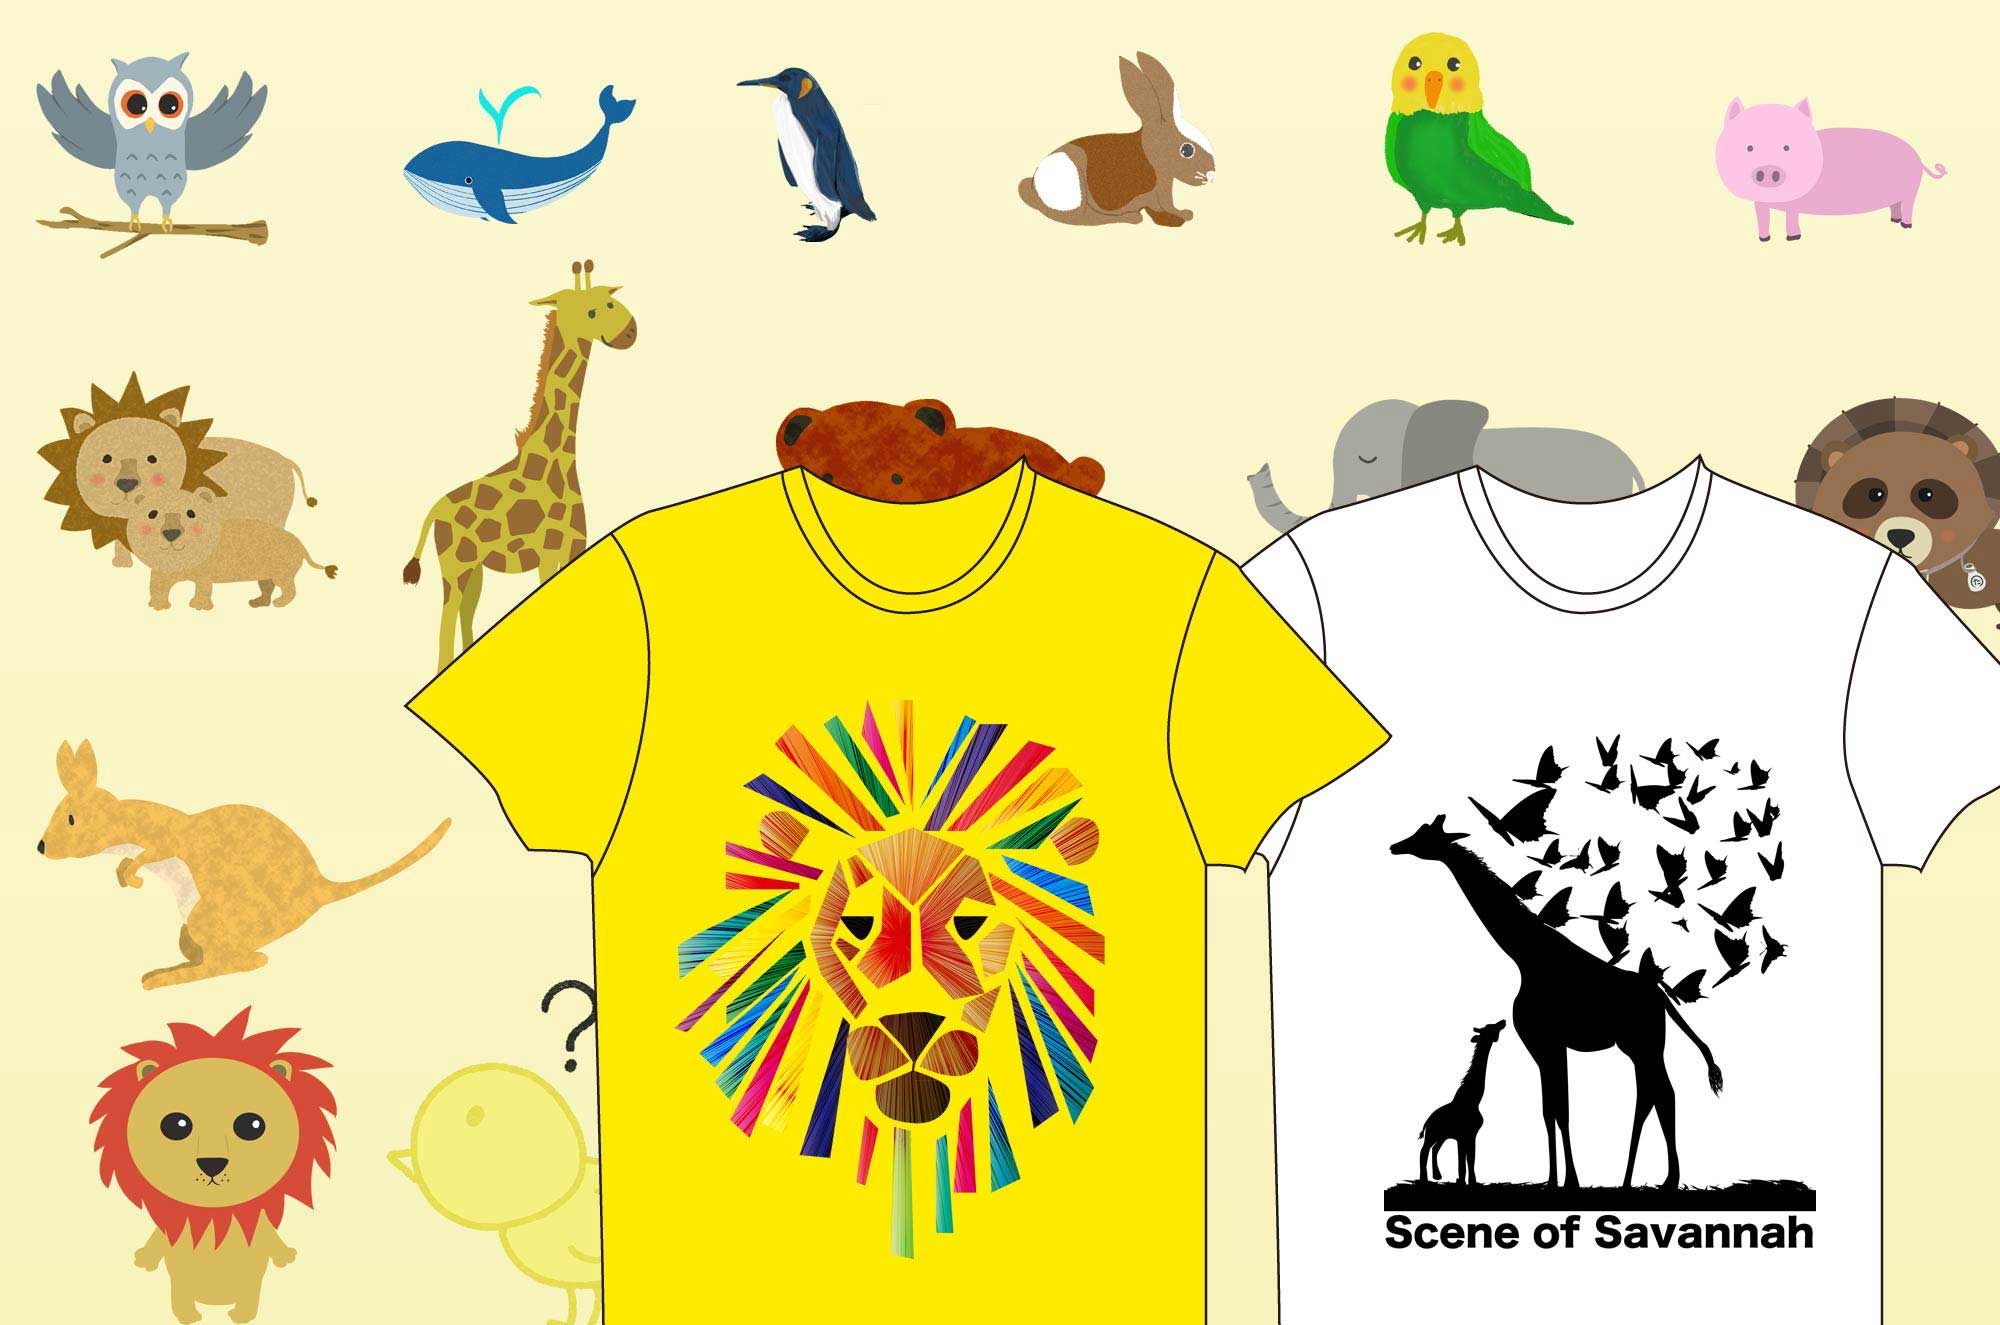 可愛い動物tシャツ - ラフなイラストのデザイングッズ - チコデザ